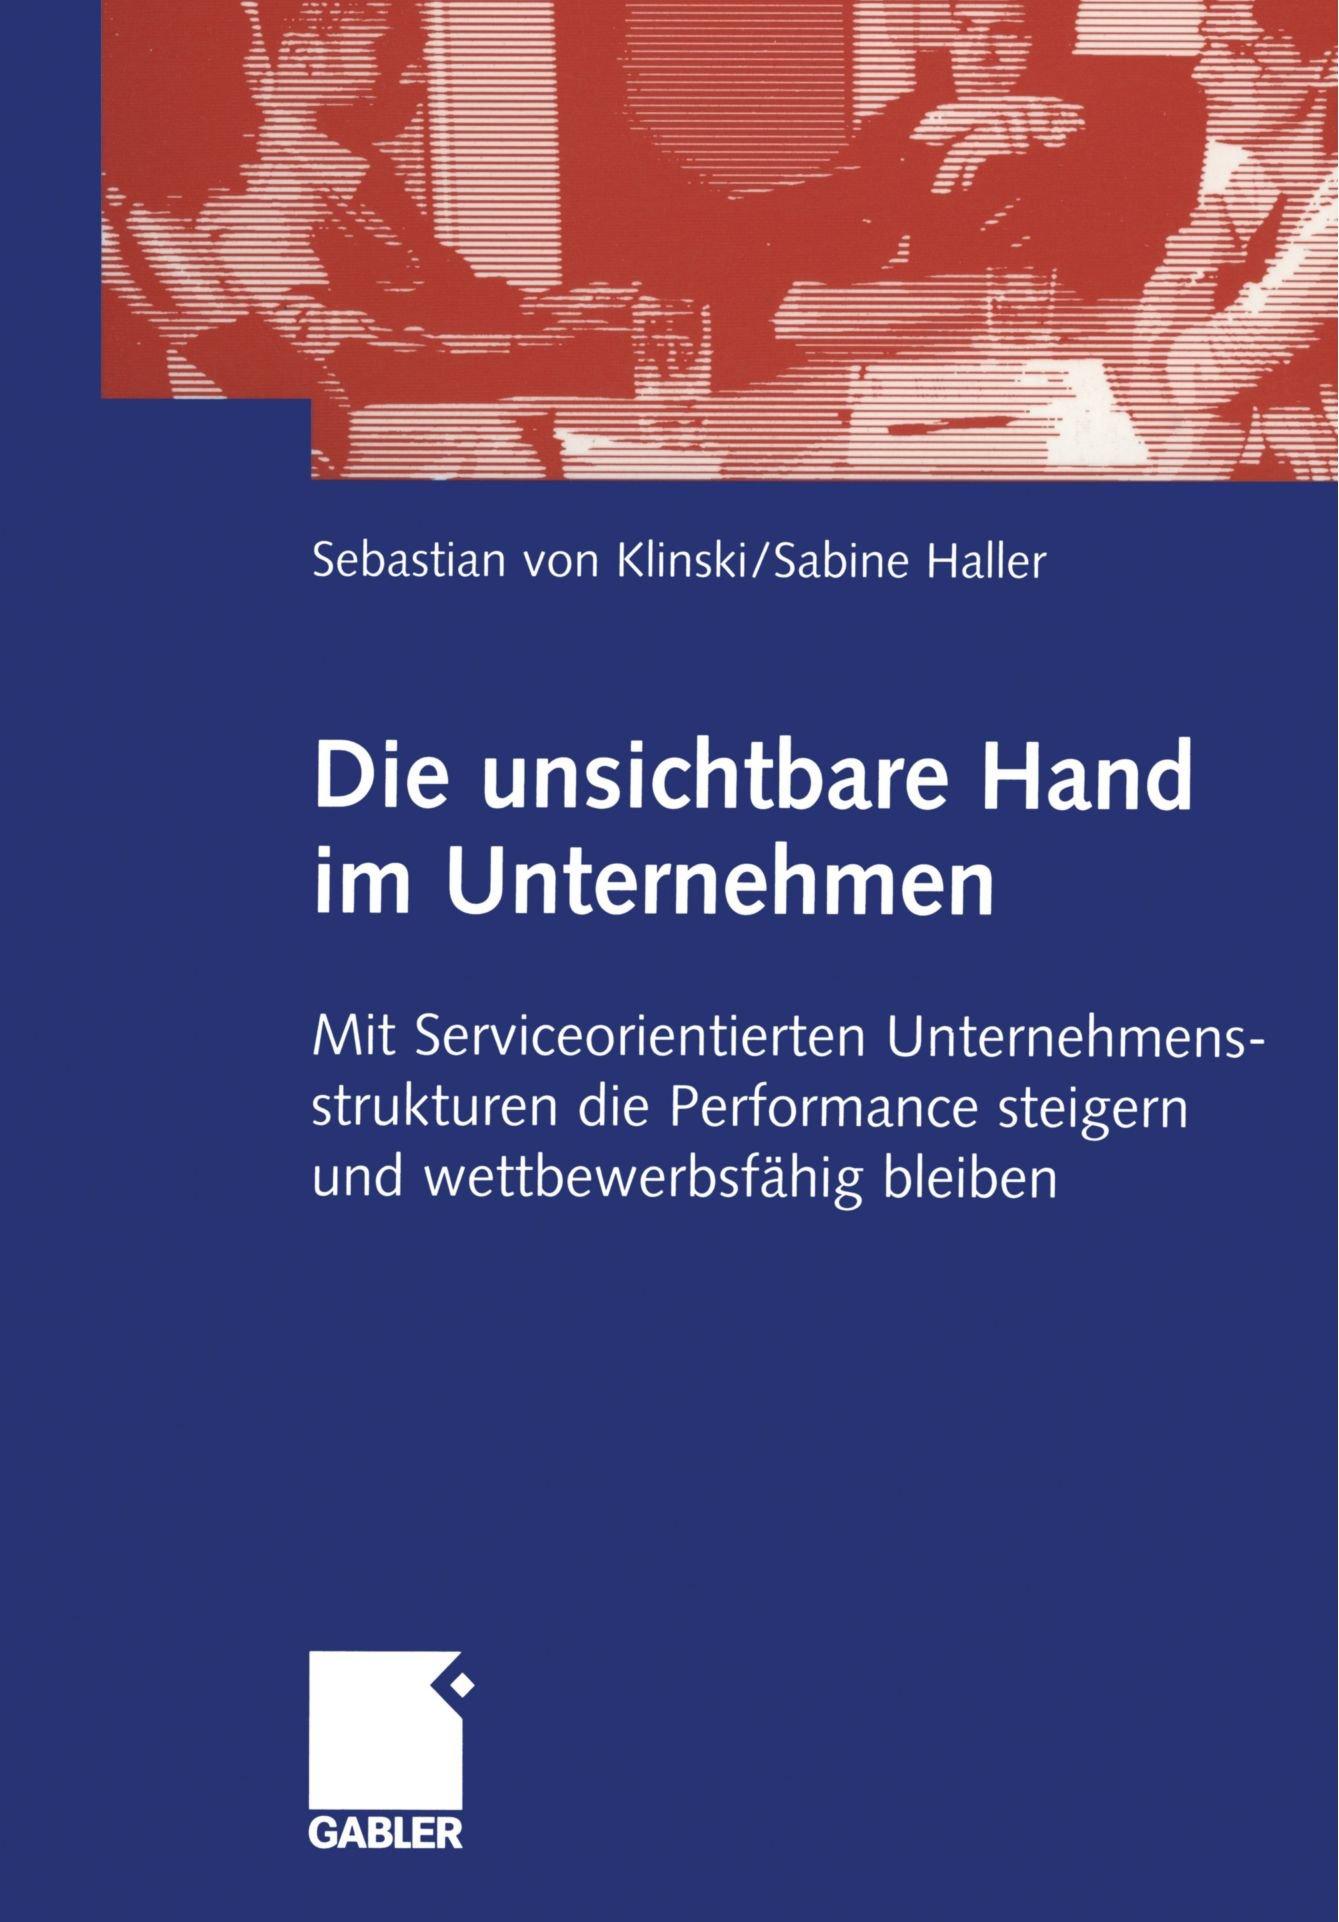 die-unsichtbare-hand-im-unternehmen-mit-serviceorientierten-unternehmensstrukturen-die-performance-steigern-und-wettbewerbsfhig-bleiben